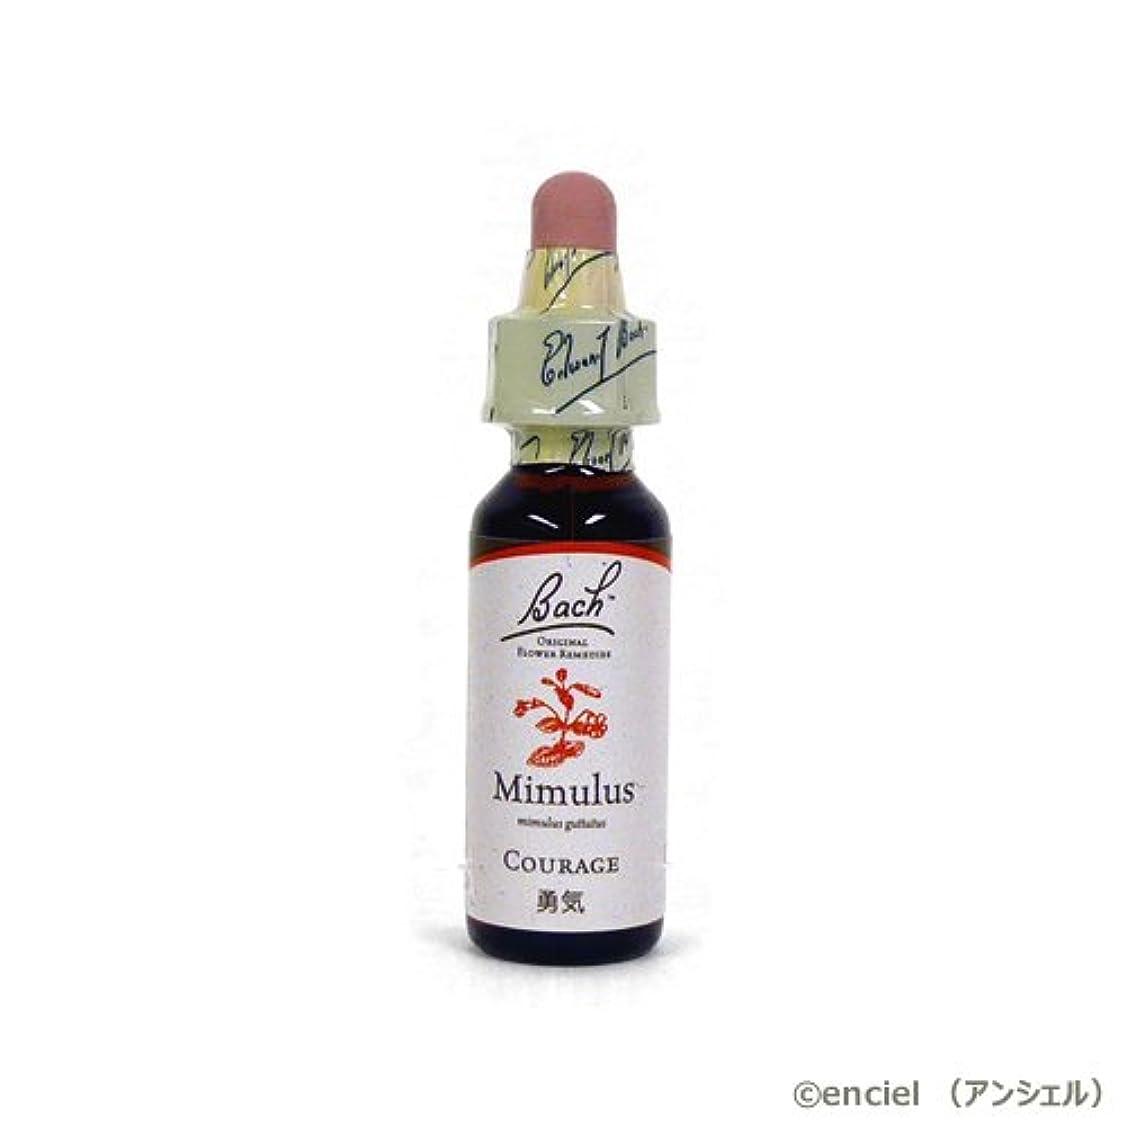 ボンド健康モバイルバッチフラワー レメディ ミムラス 10ml グリセリンタイプ 日本国内正規品